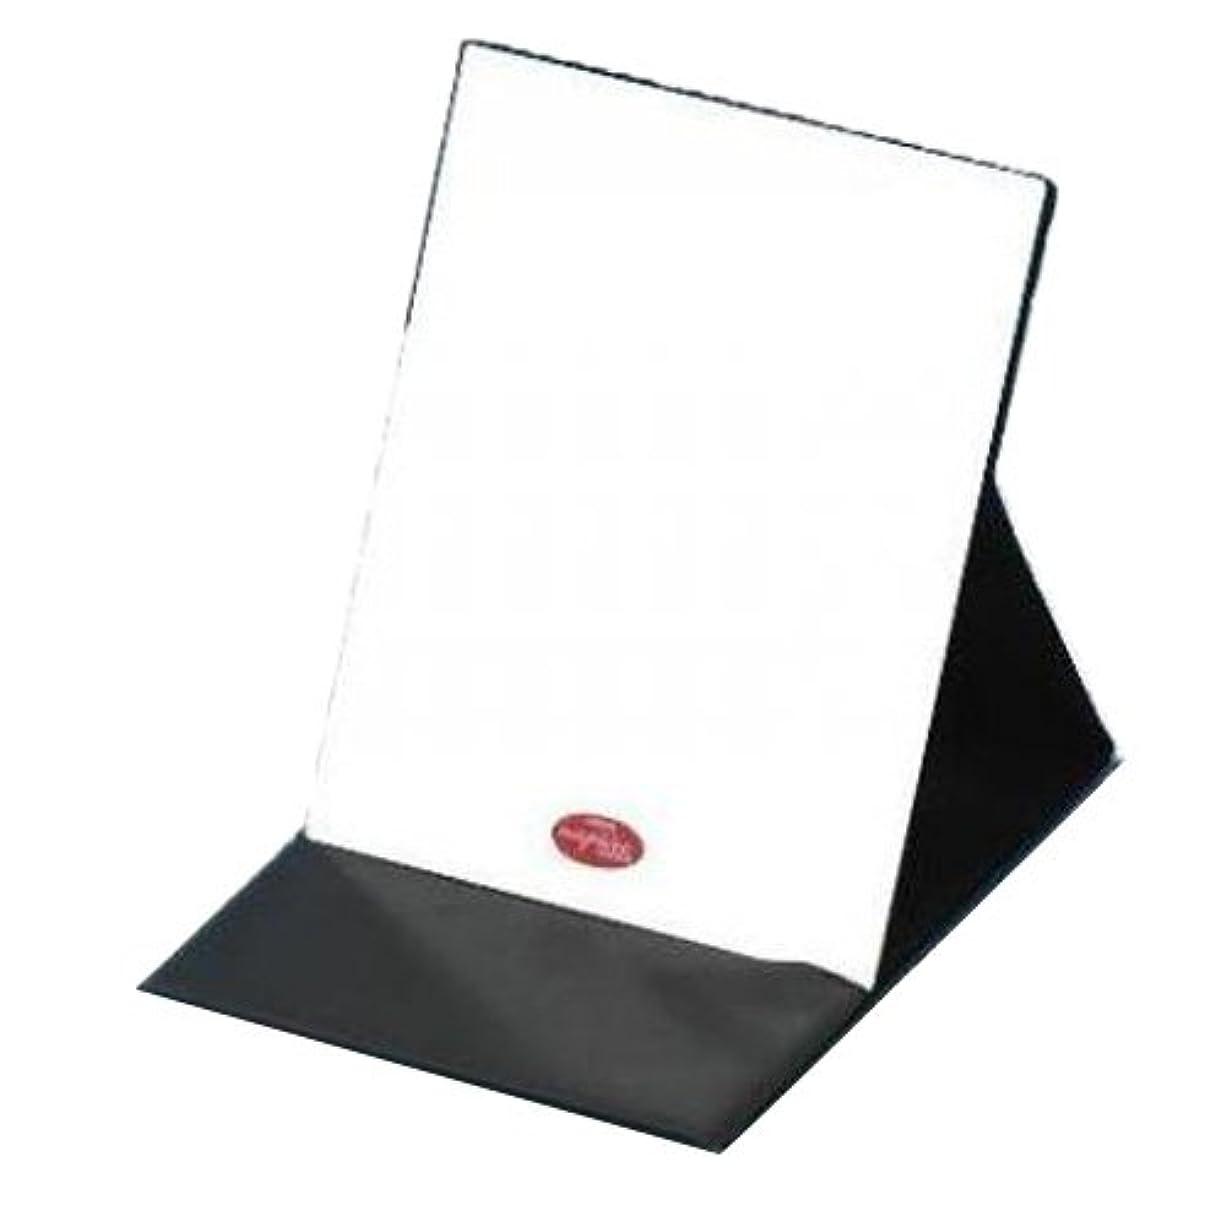 蜂想定する操作HP-43 ナピュア プロモデル拡大鏡付き折立ミラー(L)